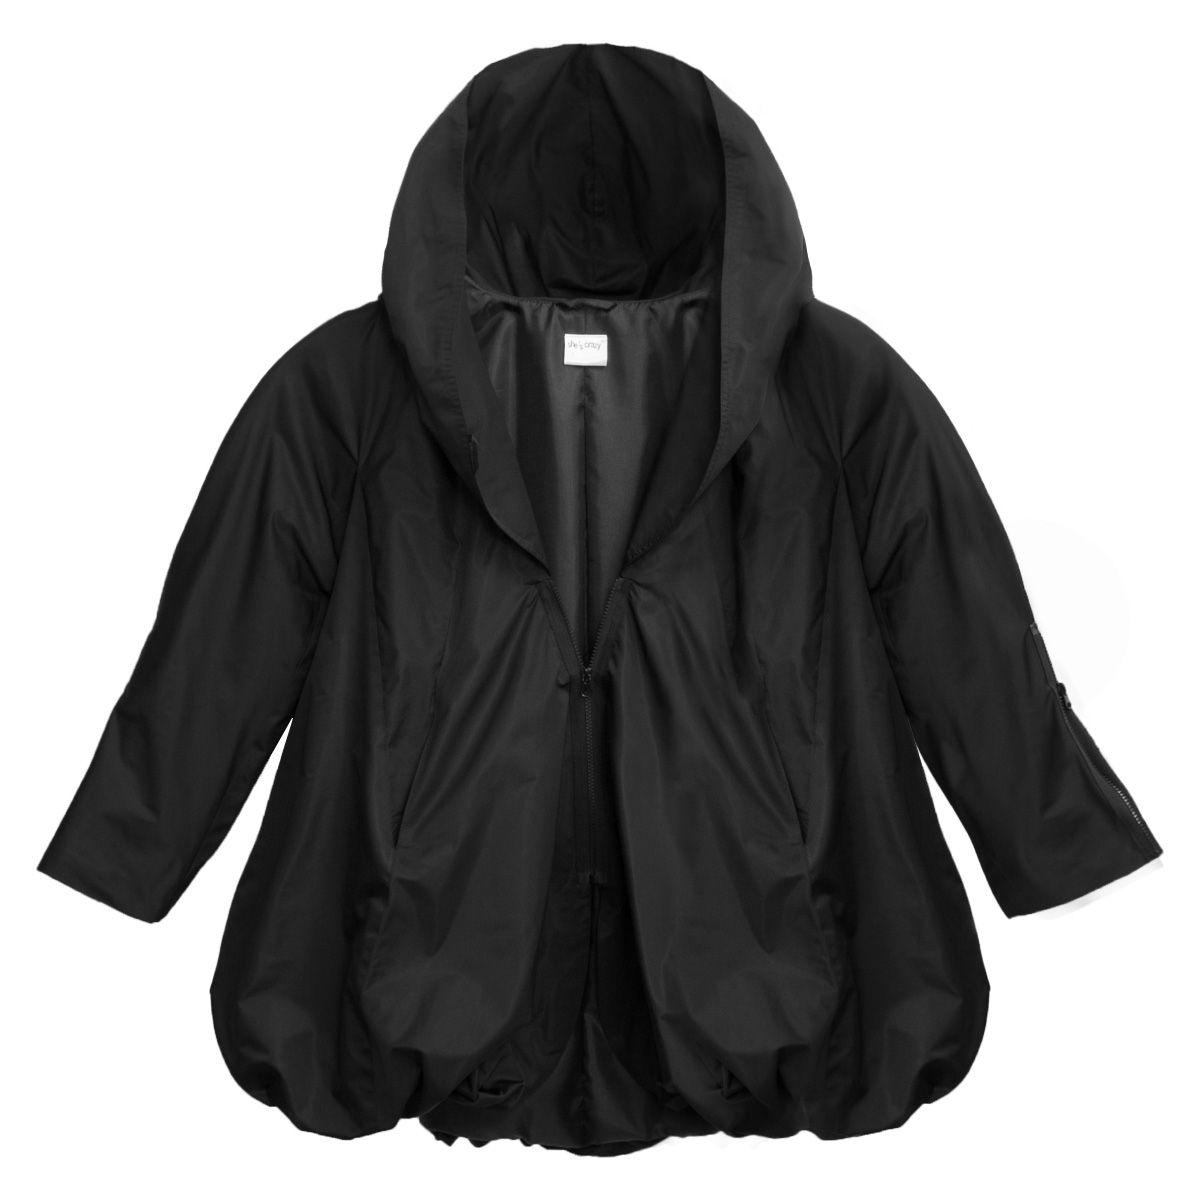 Pin von ирина иринка auf шитье, одежда, мода | Kleidung und